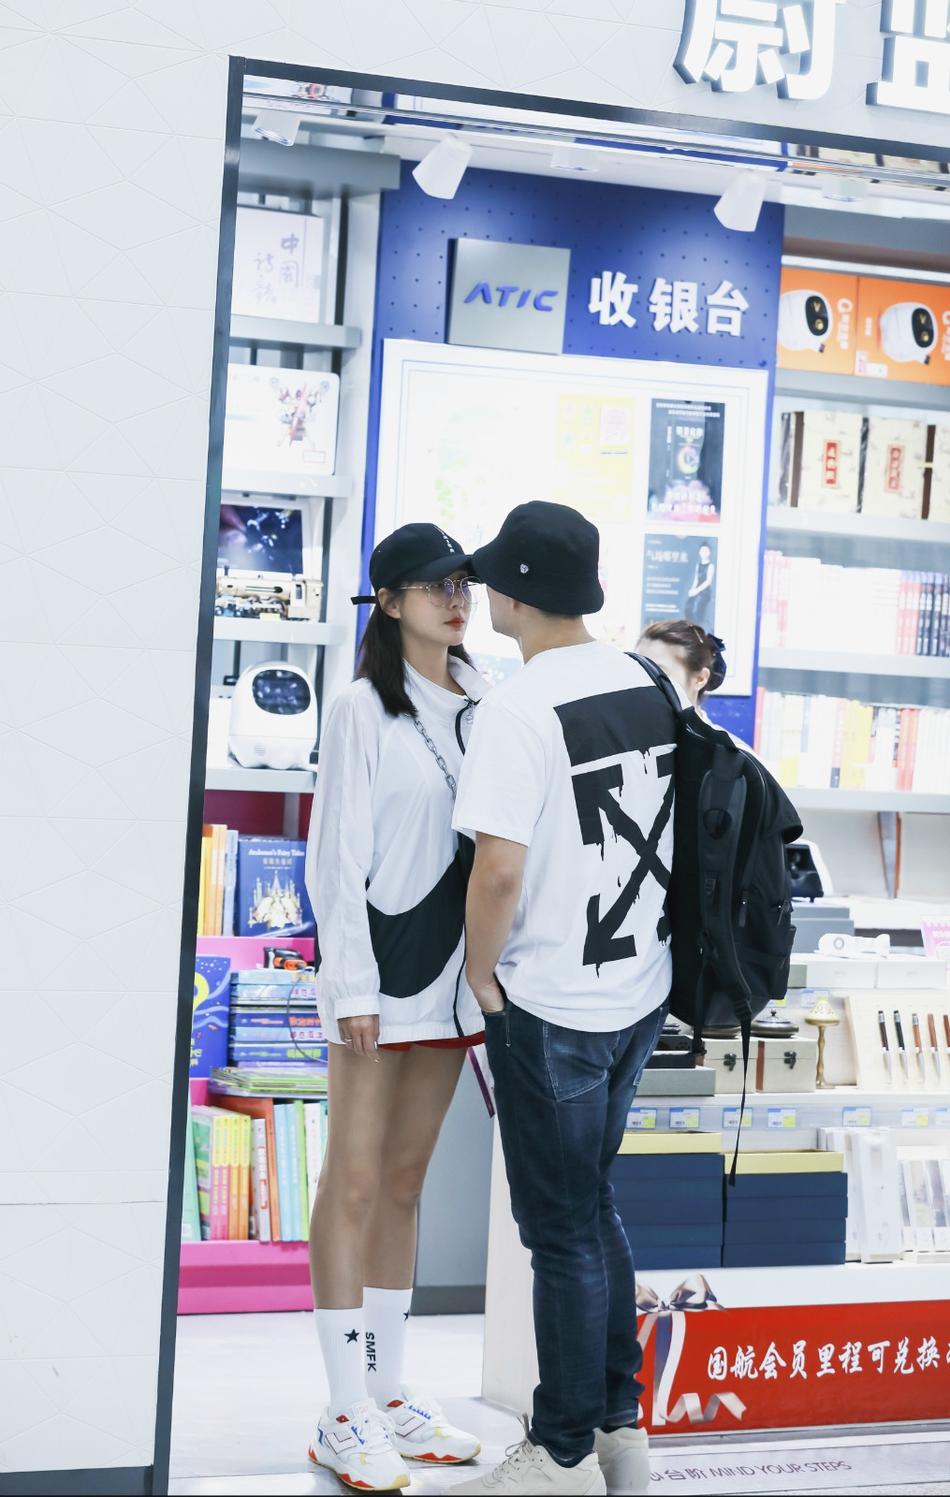 嚴屹寬杜若溪甜蜜現身機場情侶裝吸睛甜蜜如熱戀情侶